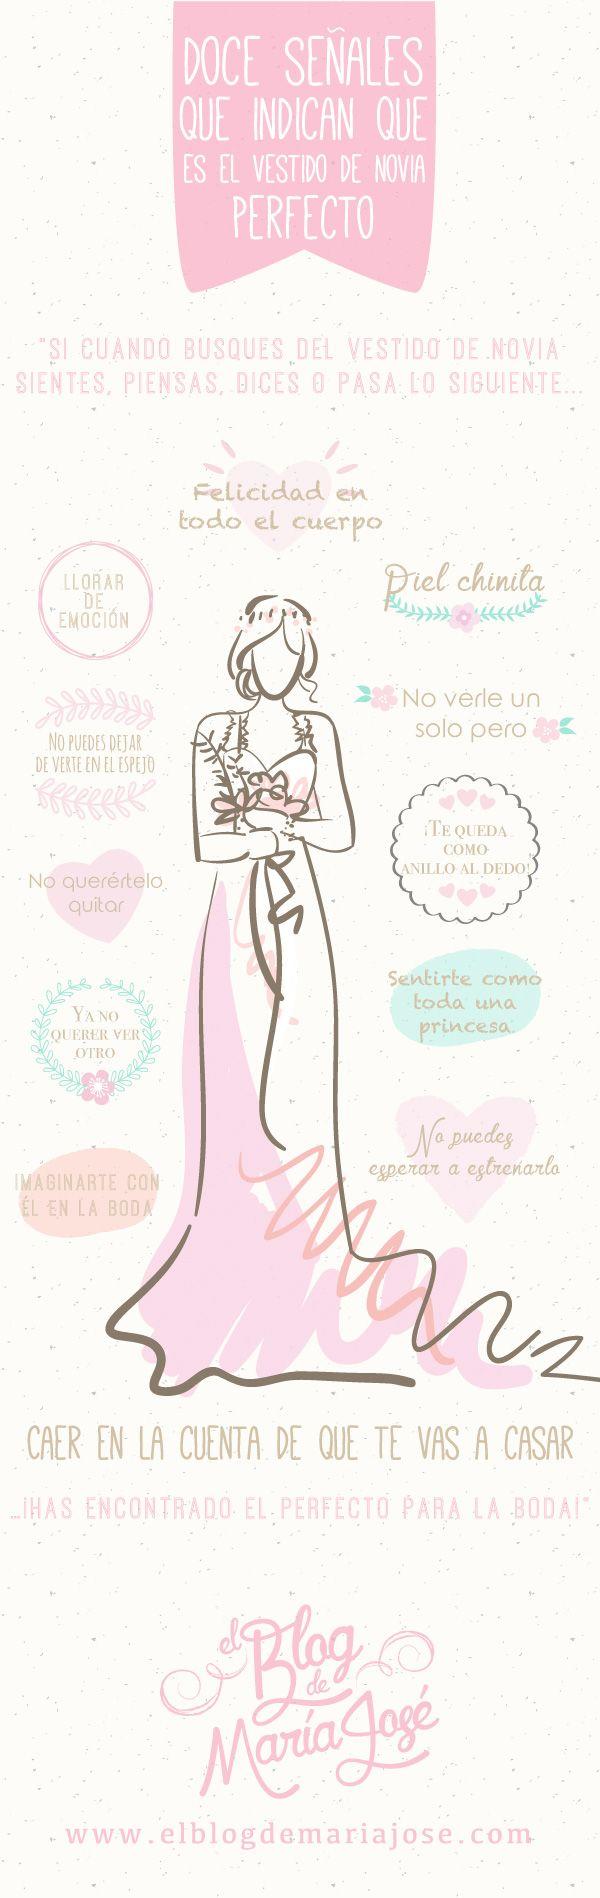 Doce señales que indican que es el vestido de novia perfecto #bodas #ElBlogdeMaríaJosé #VestidoNovia #LookNovia